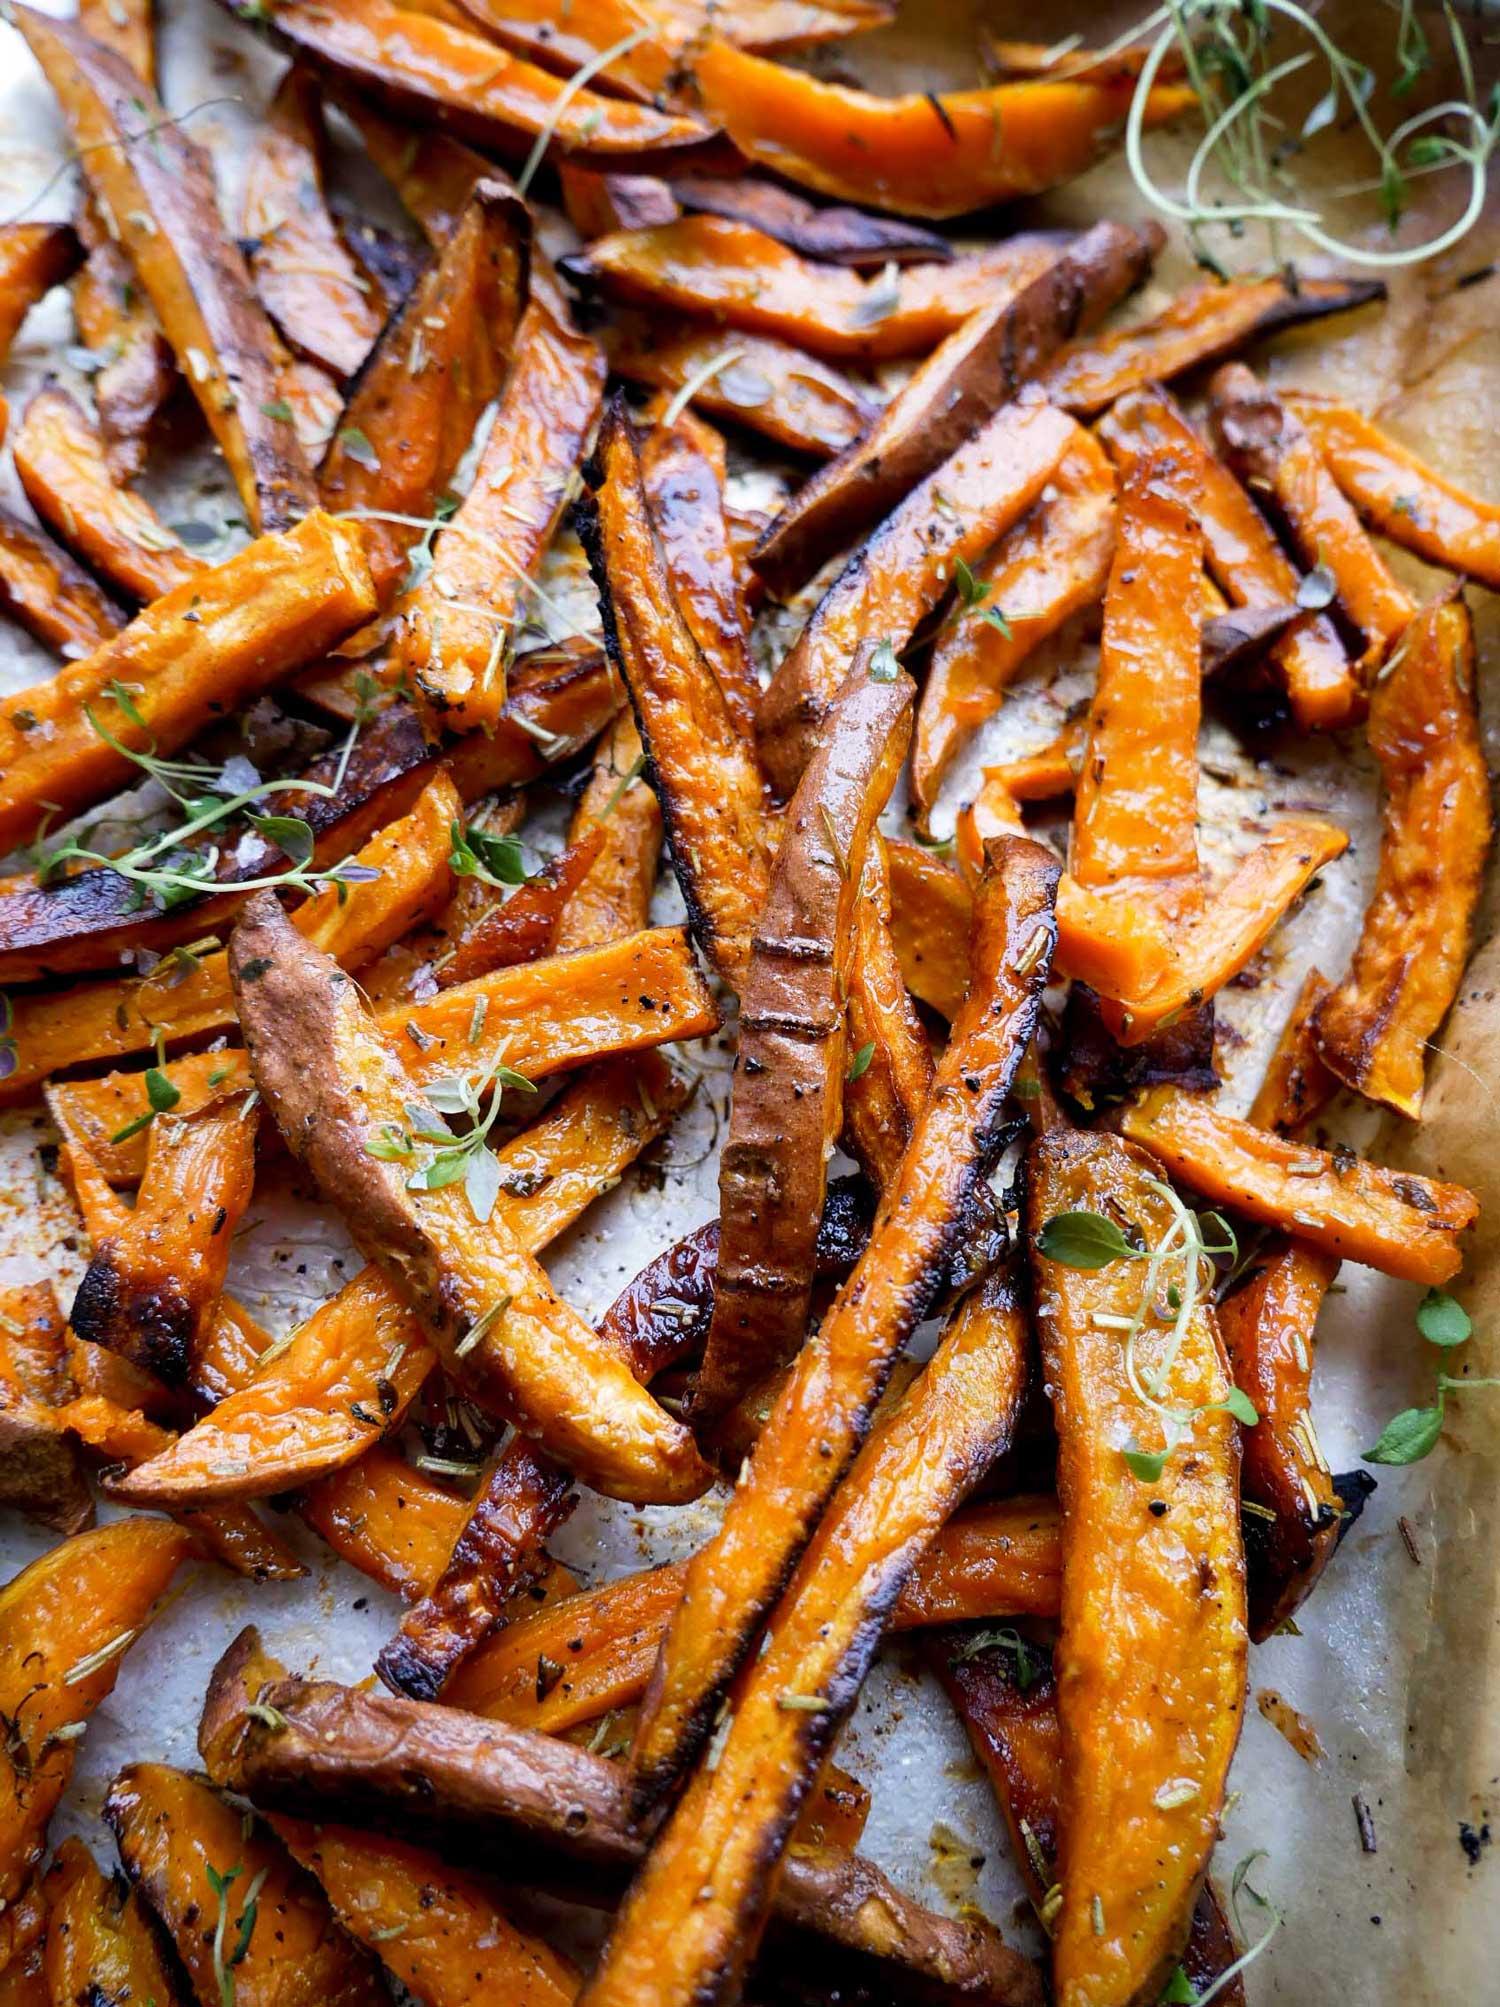 søde kartofler med rosmarin, olie og timian